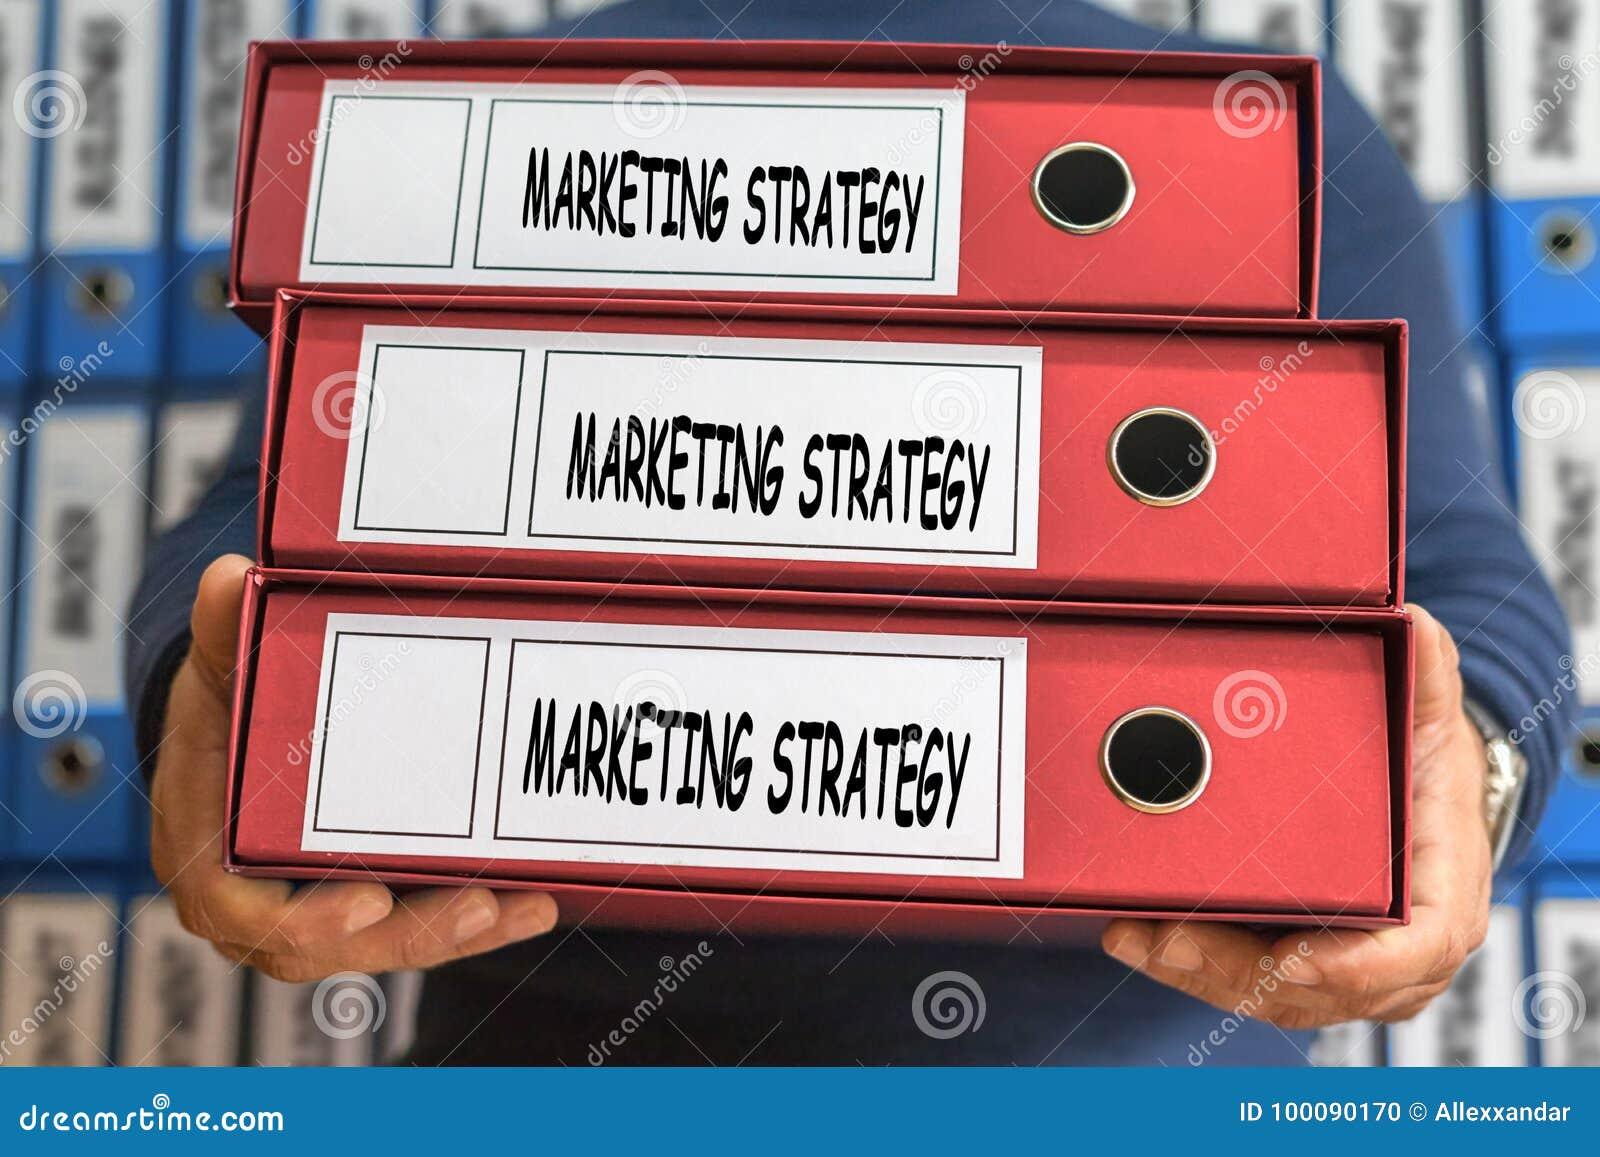 Ord för begrepp för marknadsföringsstrategi framförd mappbild för begrepp 3d Ring Binders